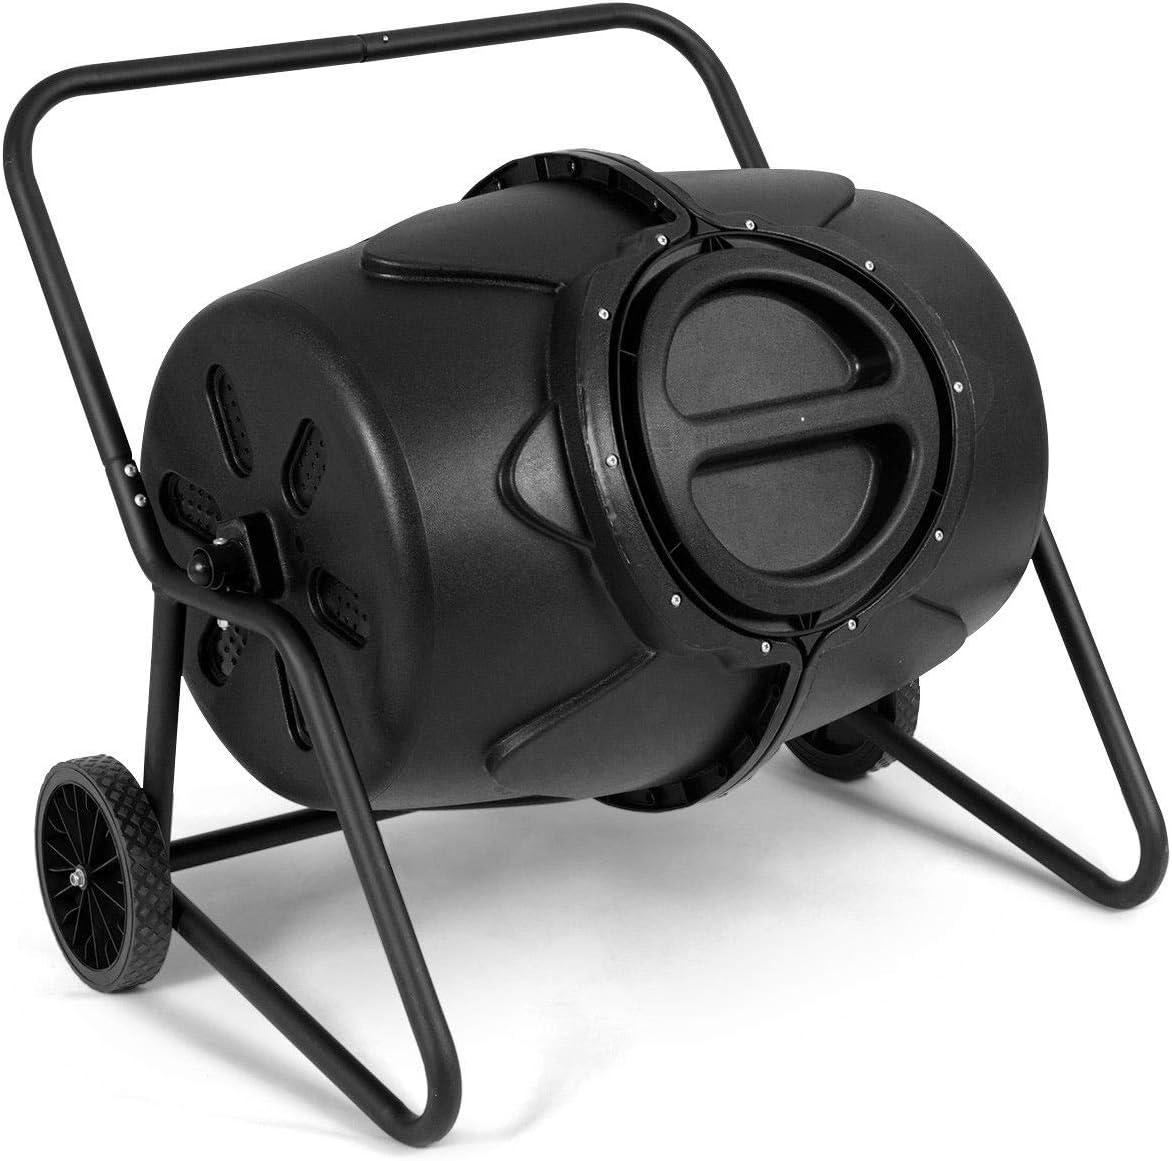 simplyUSAhello 50 Gallon Wheeled Compost Tumbler Garden Waste Bin